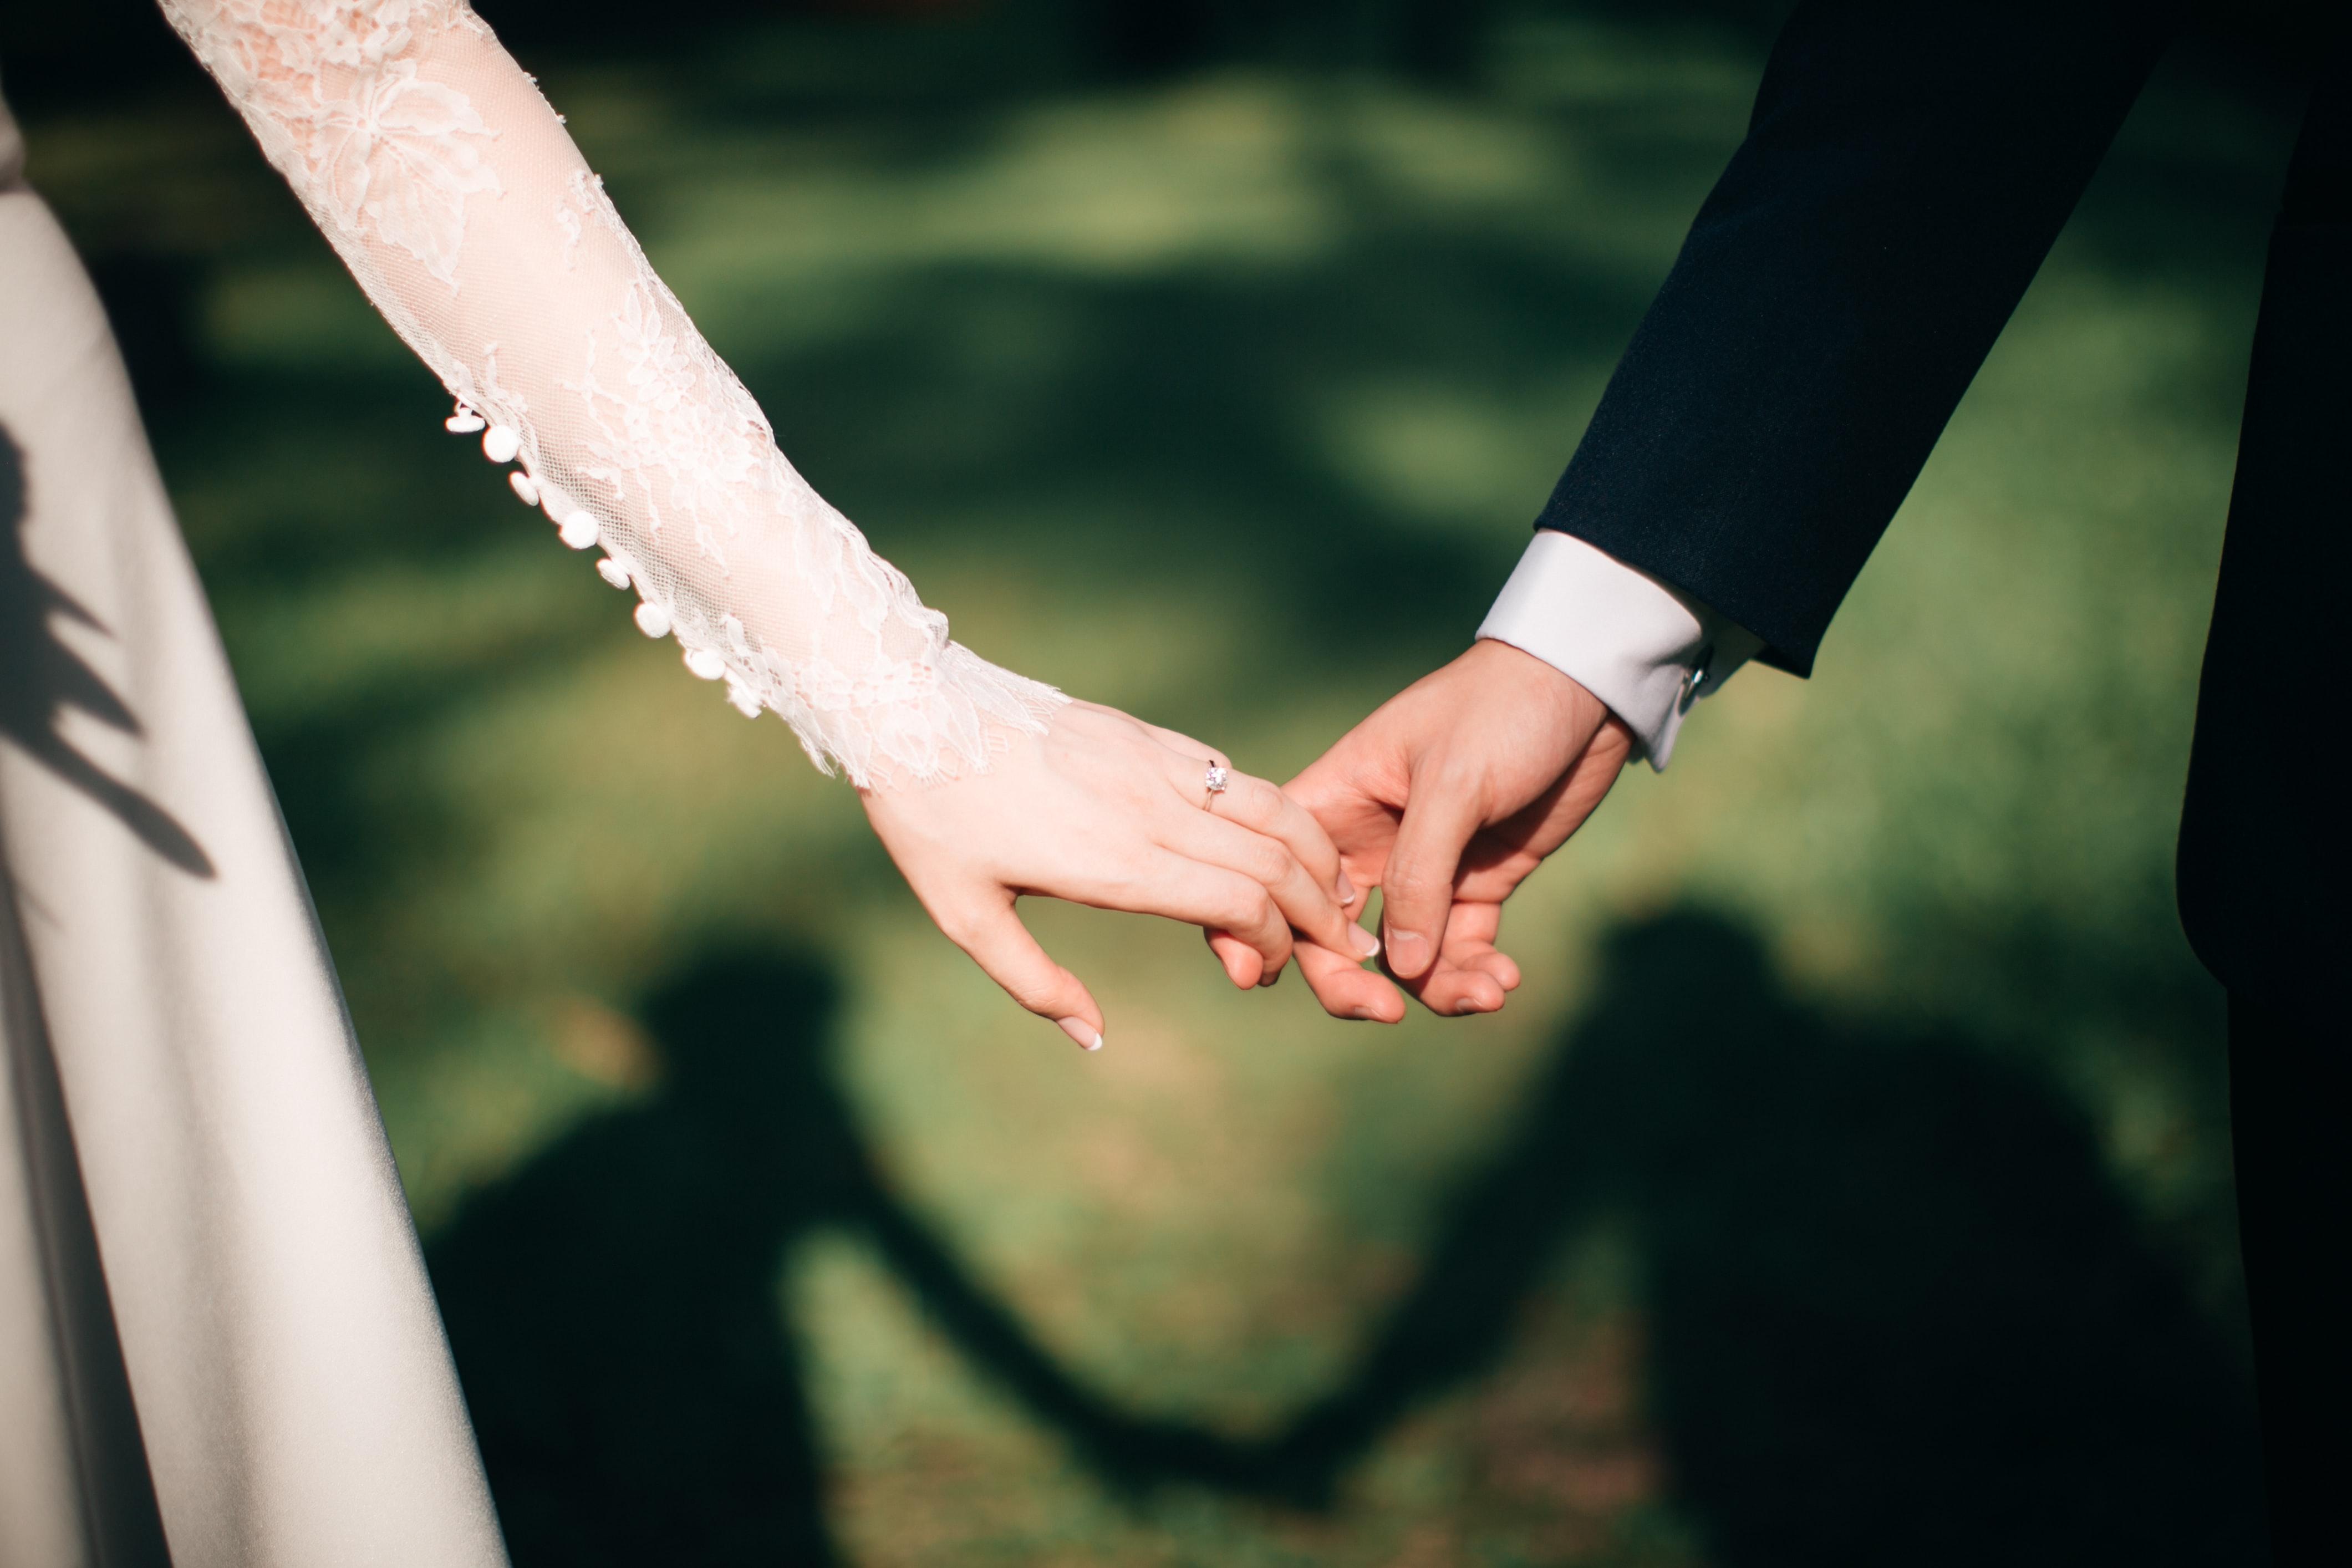 I jep fund beqarisë, aktori më i dashur për shqiptarët martohet këtë javë